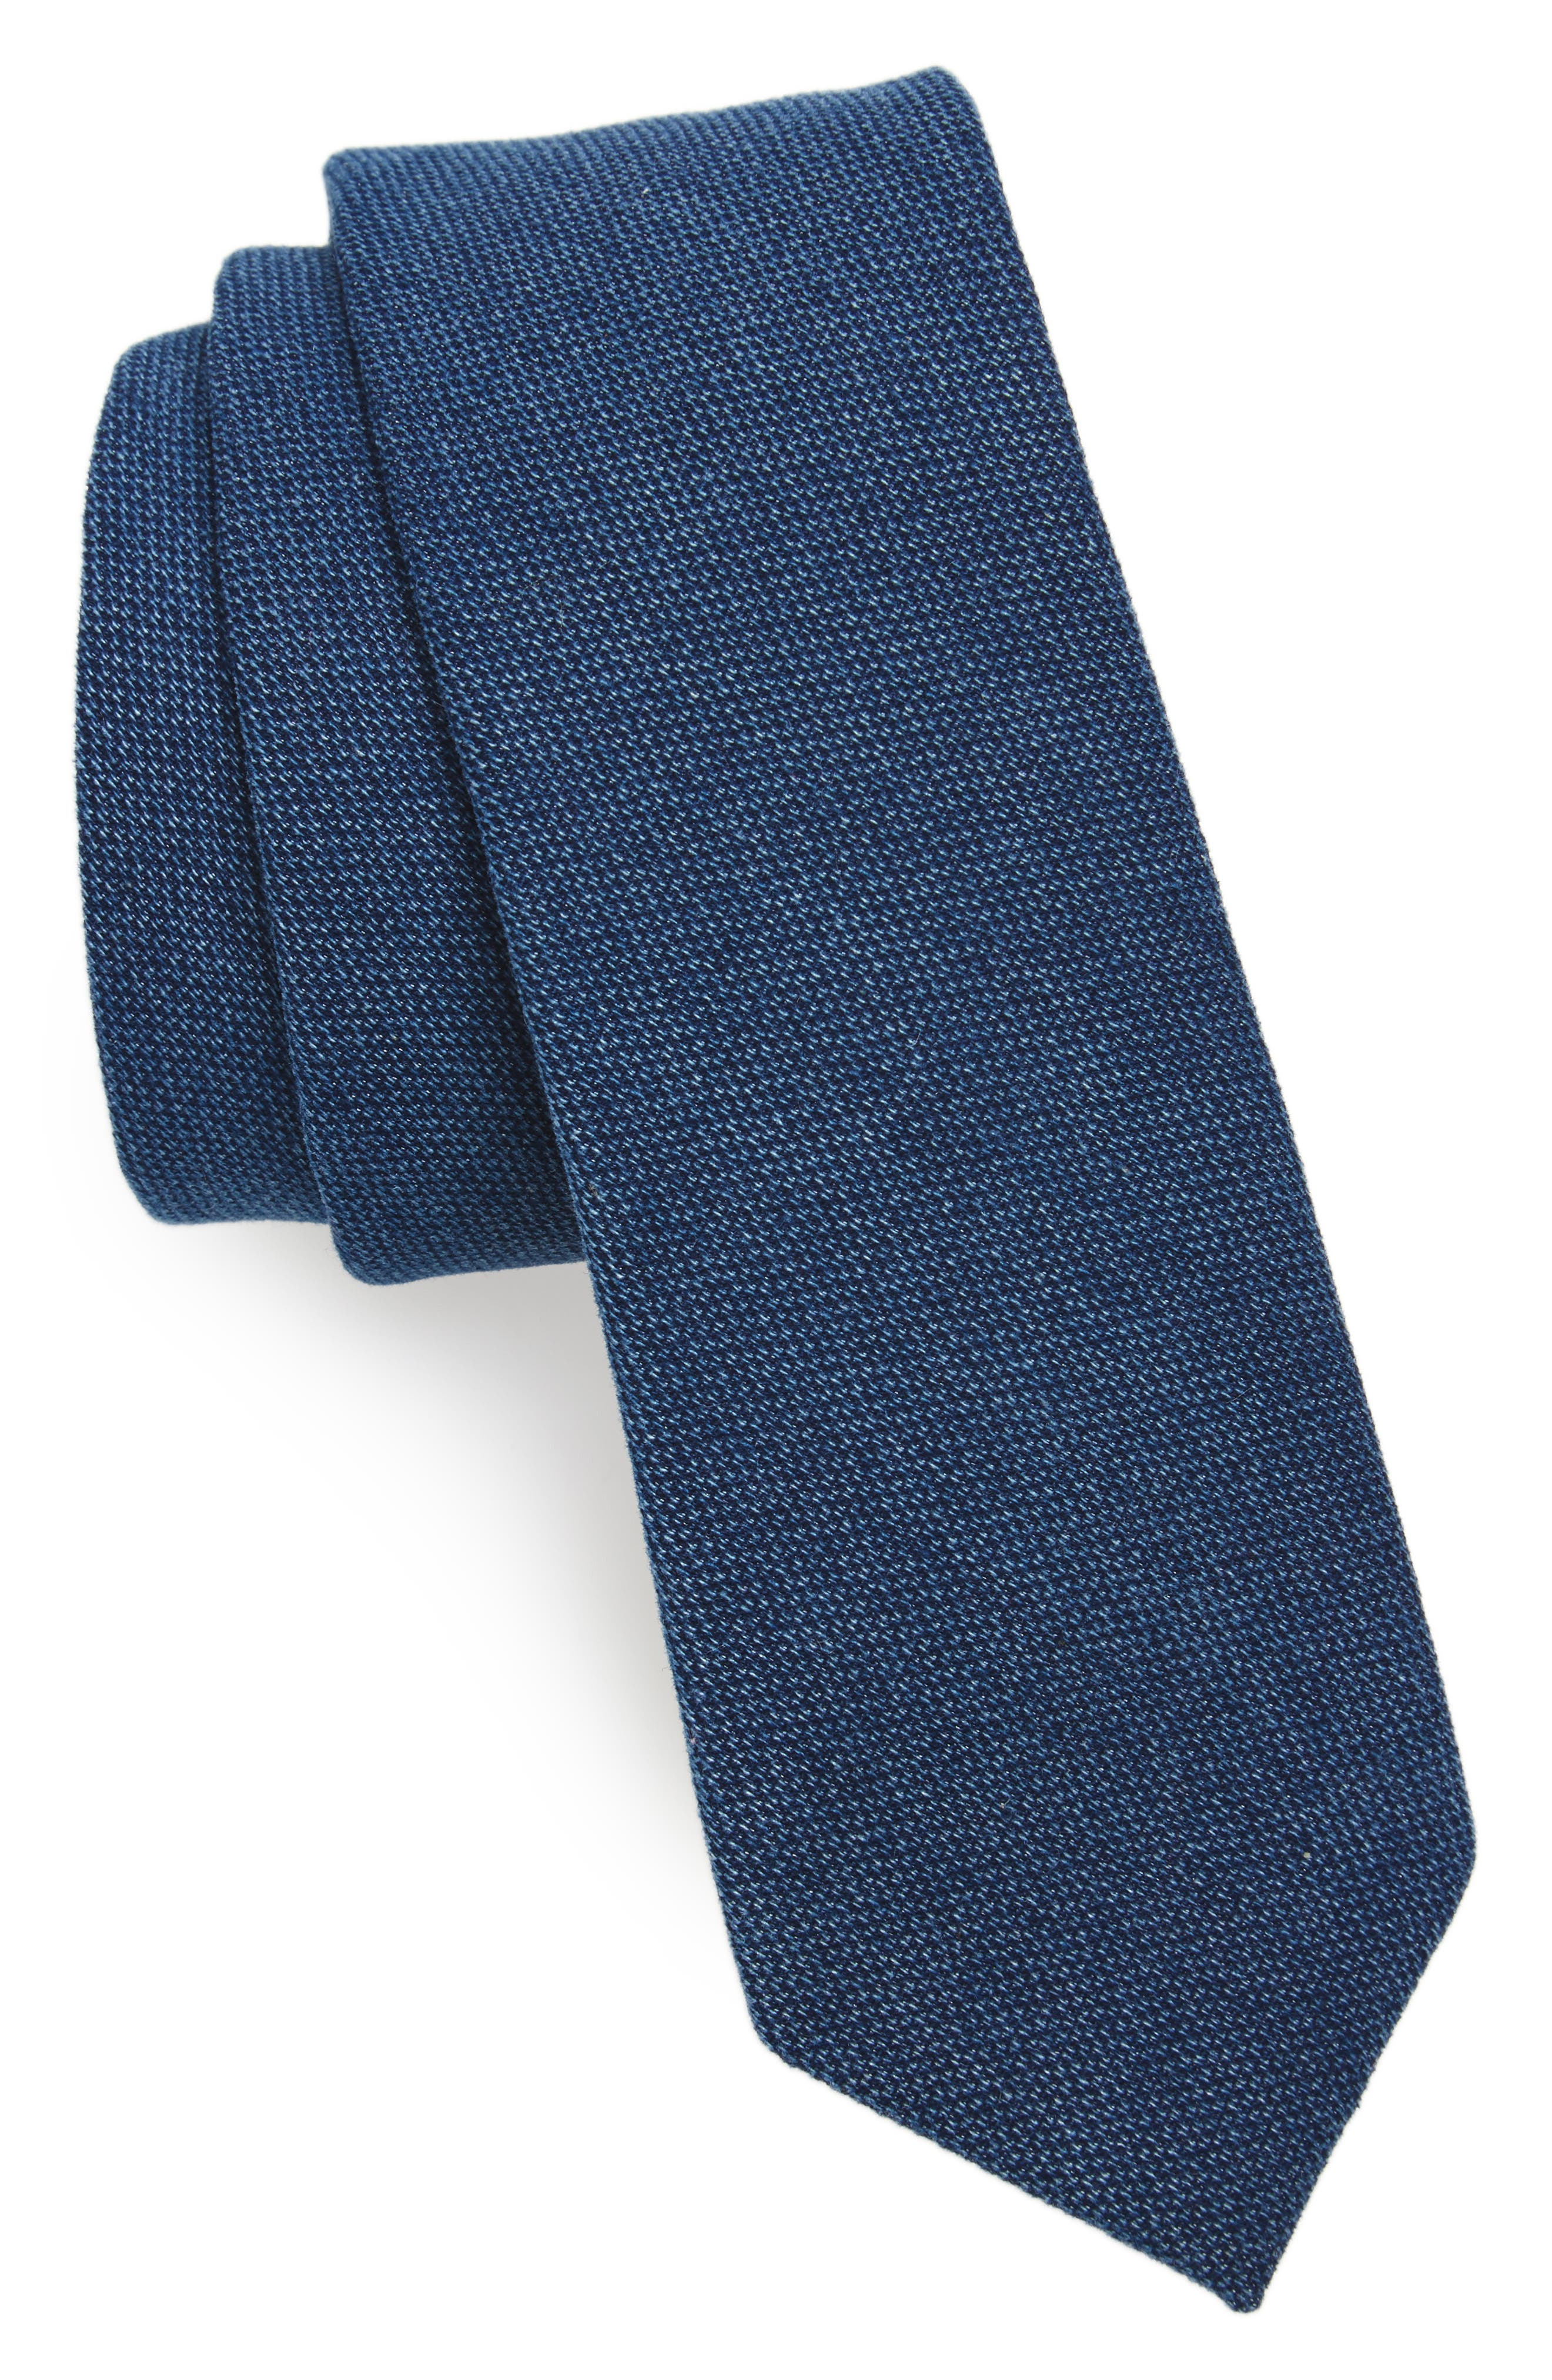 Main Image - 1901 Verona Solid Cotton Skinny Tie